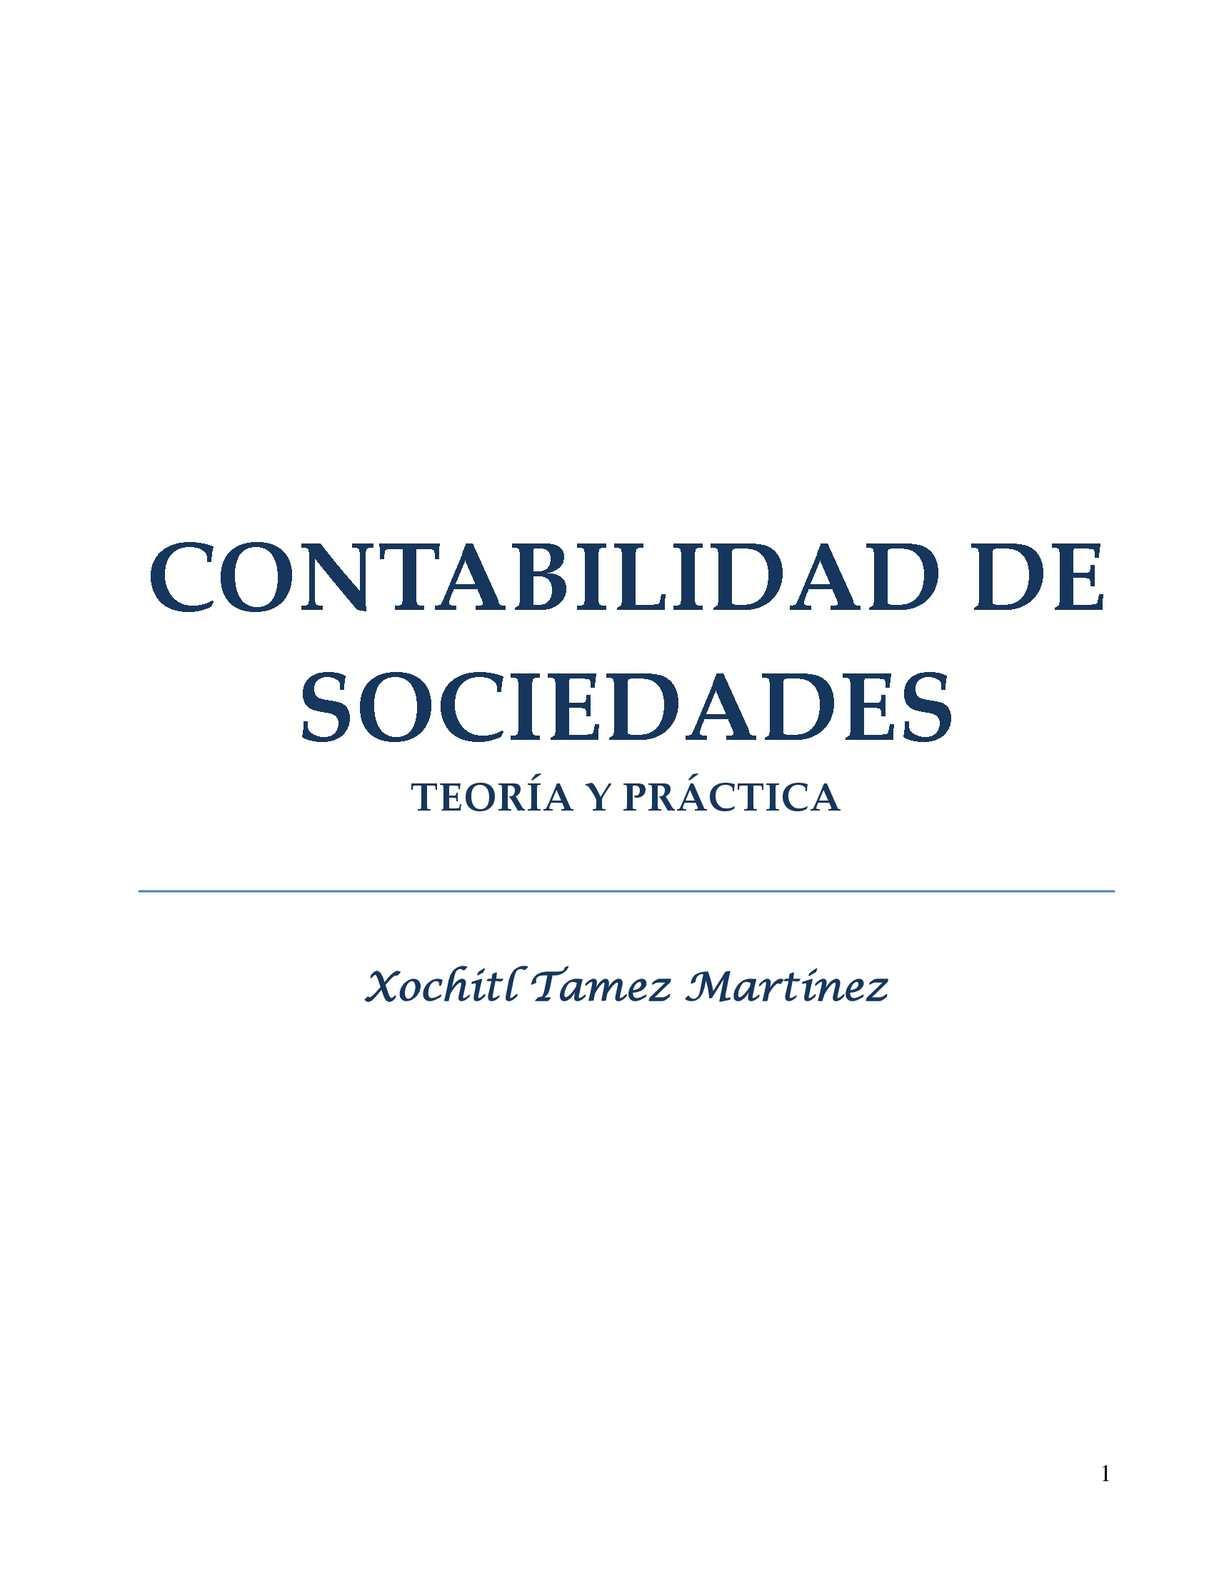 Calaméo - CONTABILIDAD DE SOCIEDADES